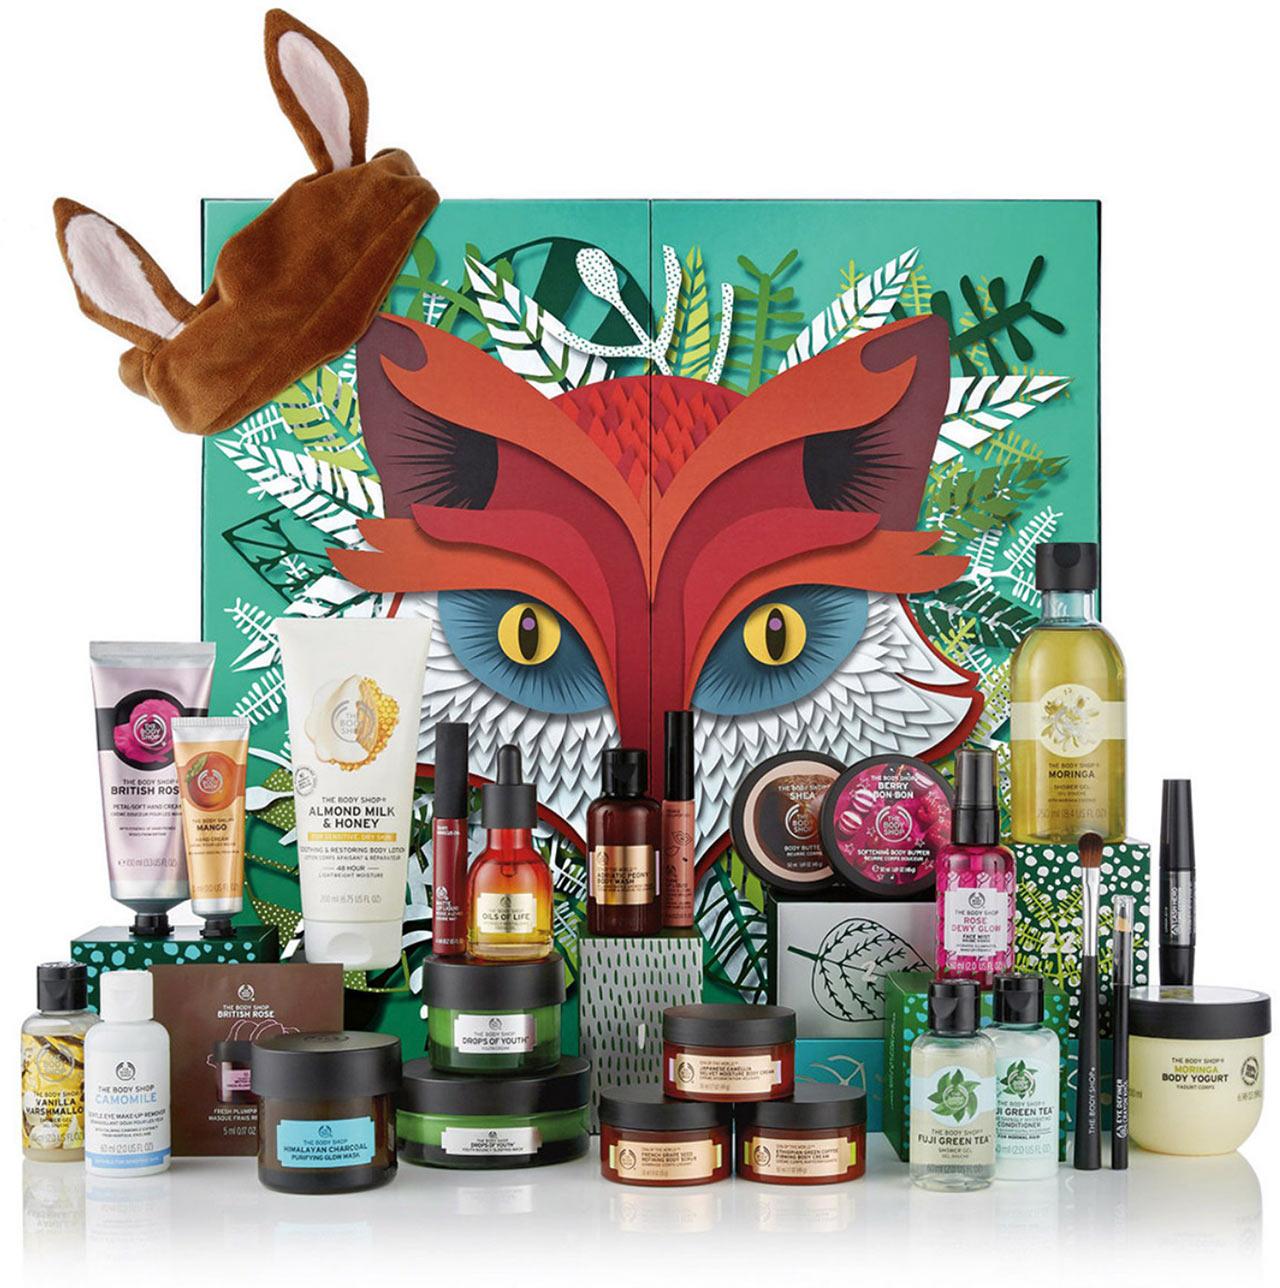 Calendrier de l'avent The Body shop ultime 2018 : un calendrier de l'avent beauté pour adultes rempli de petits cadeaux pour femme